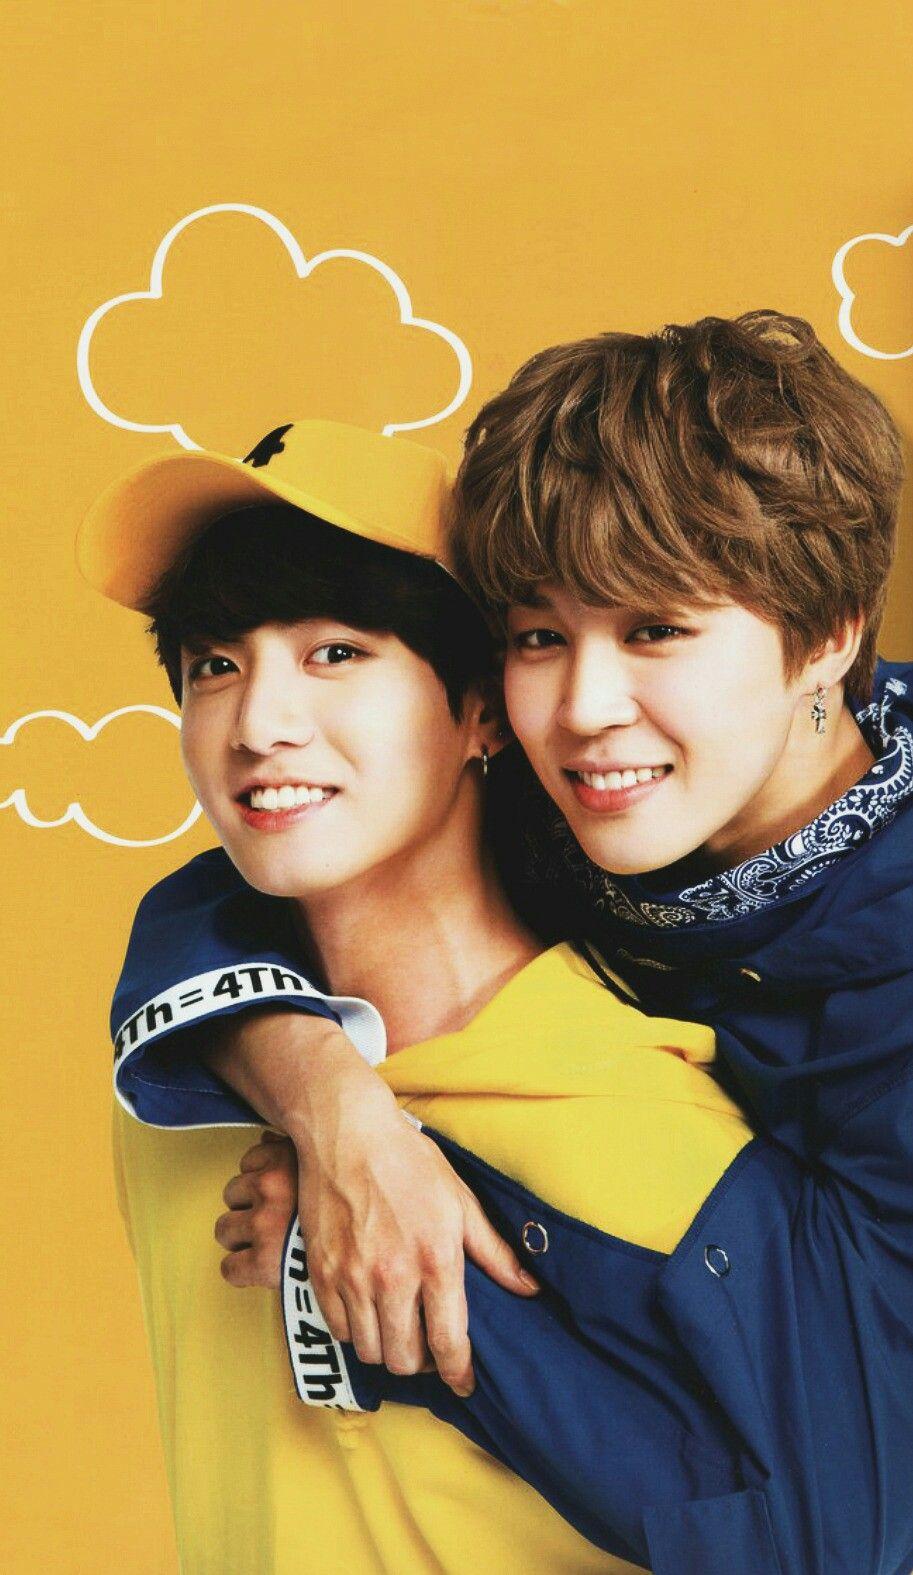 BTS Jungkook Jimin Wallpaper bts lockscreens BTS 913x1575